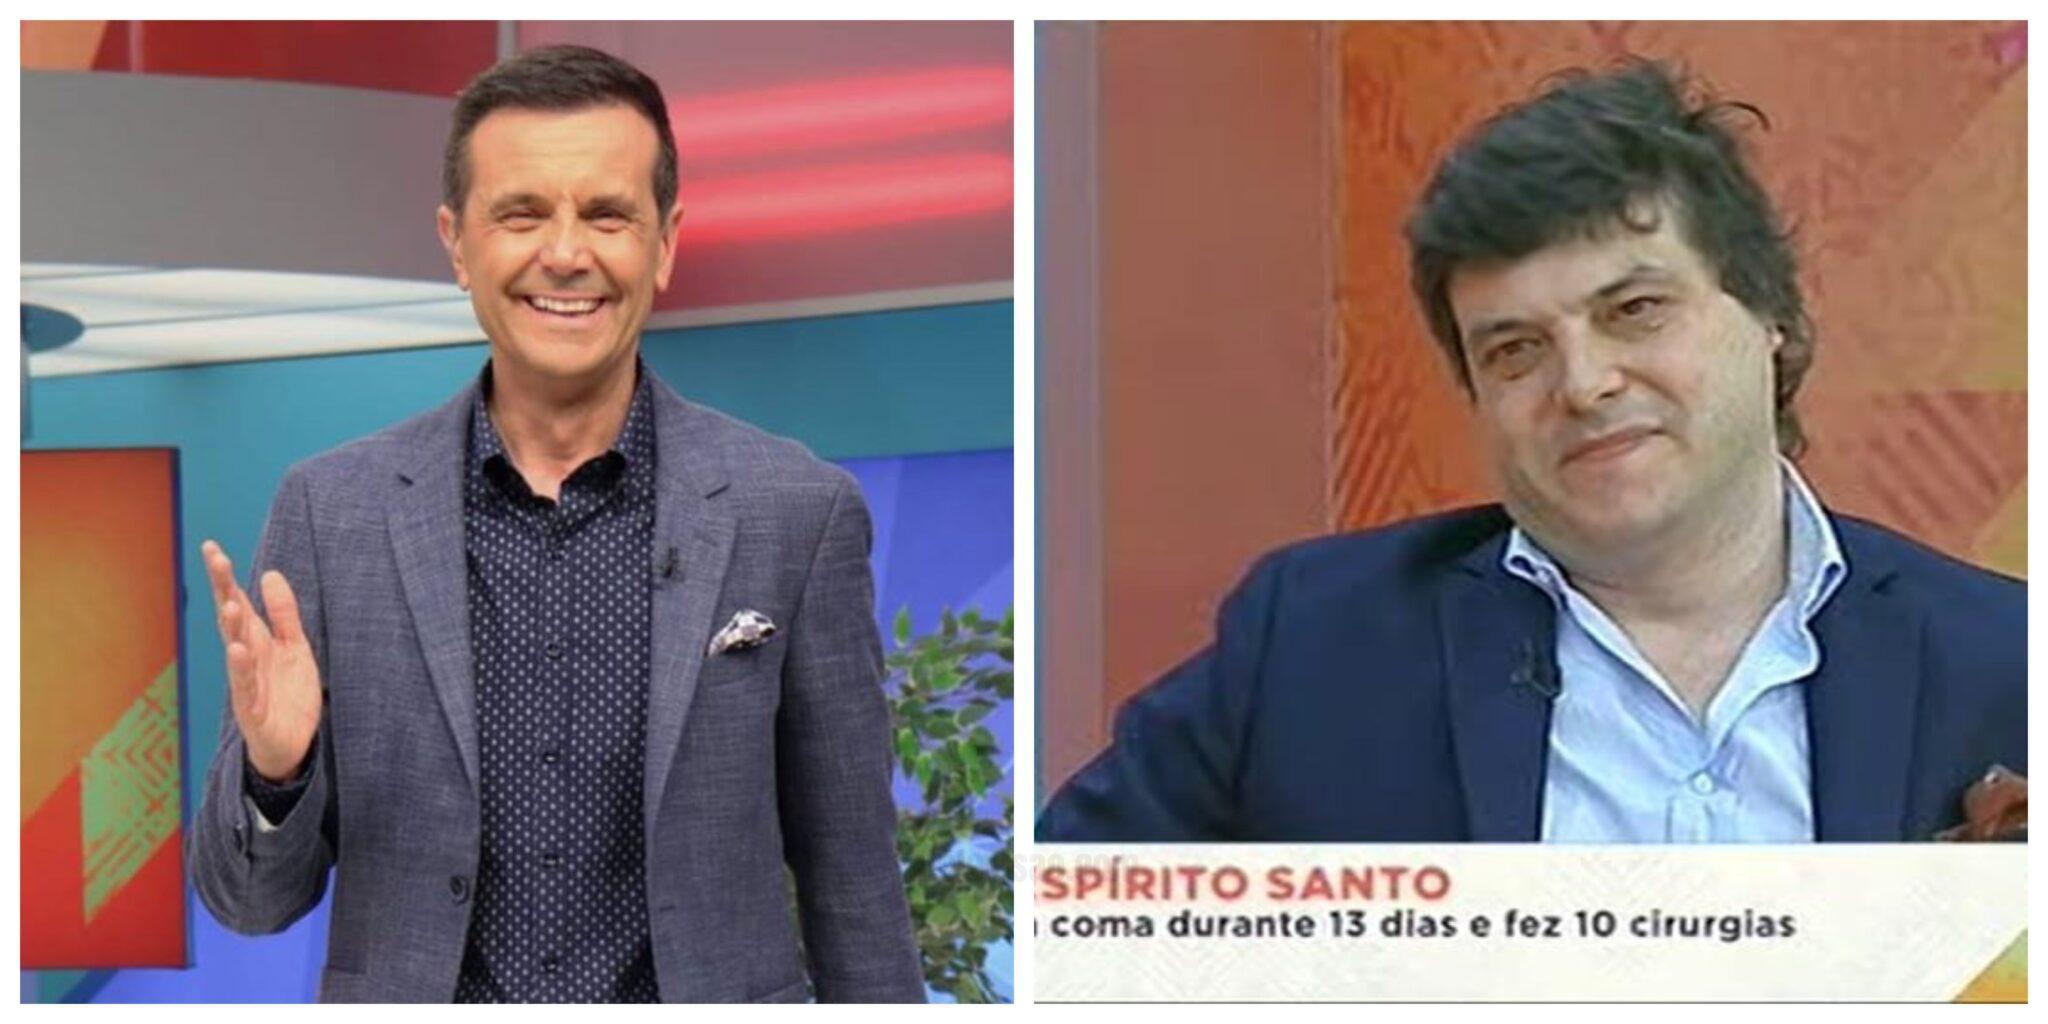 Jorge Gabriel Joao Espirito Santo Scaled Jorge Gabriel Elogia João Espírito Santo: &Quot;Gosto De Ti Meu Irmão&Quot;